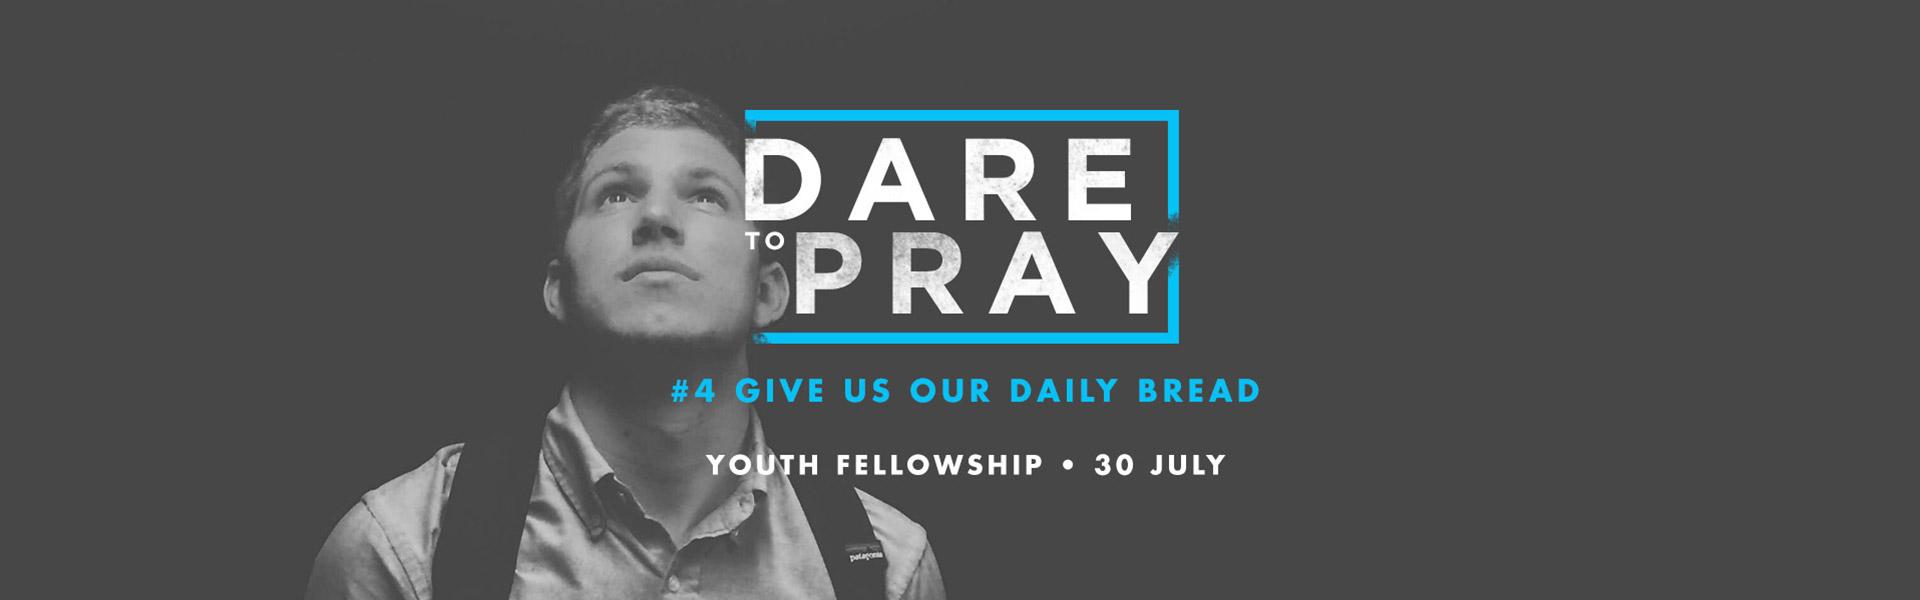 dare-to-pray4